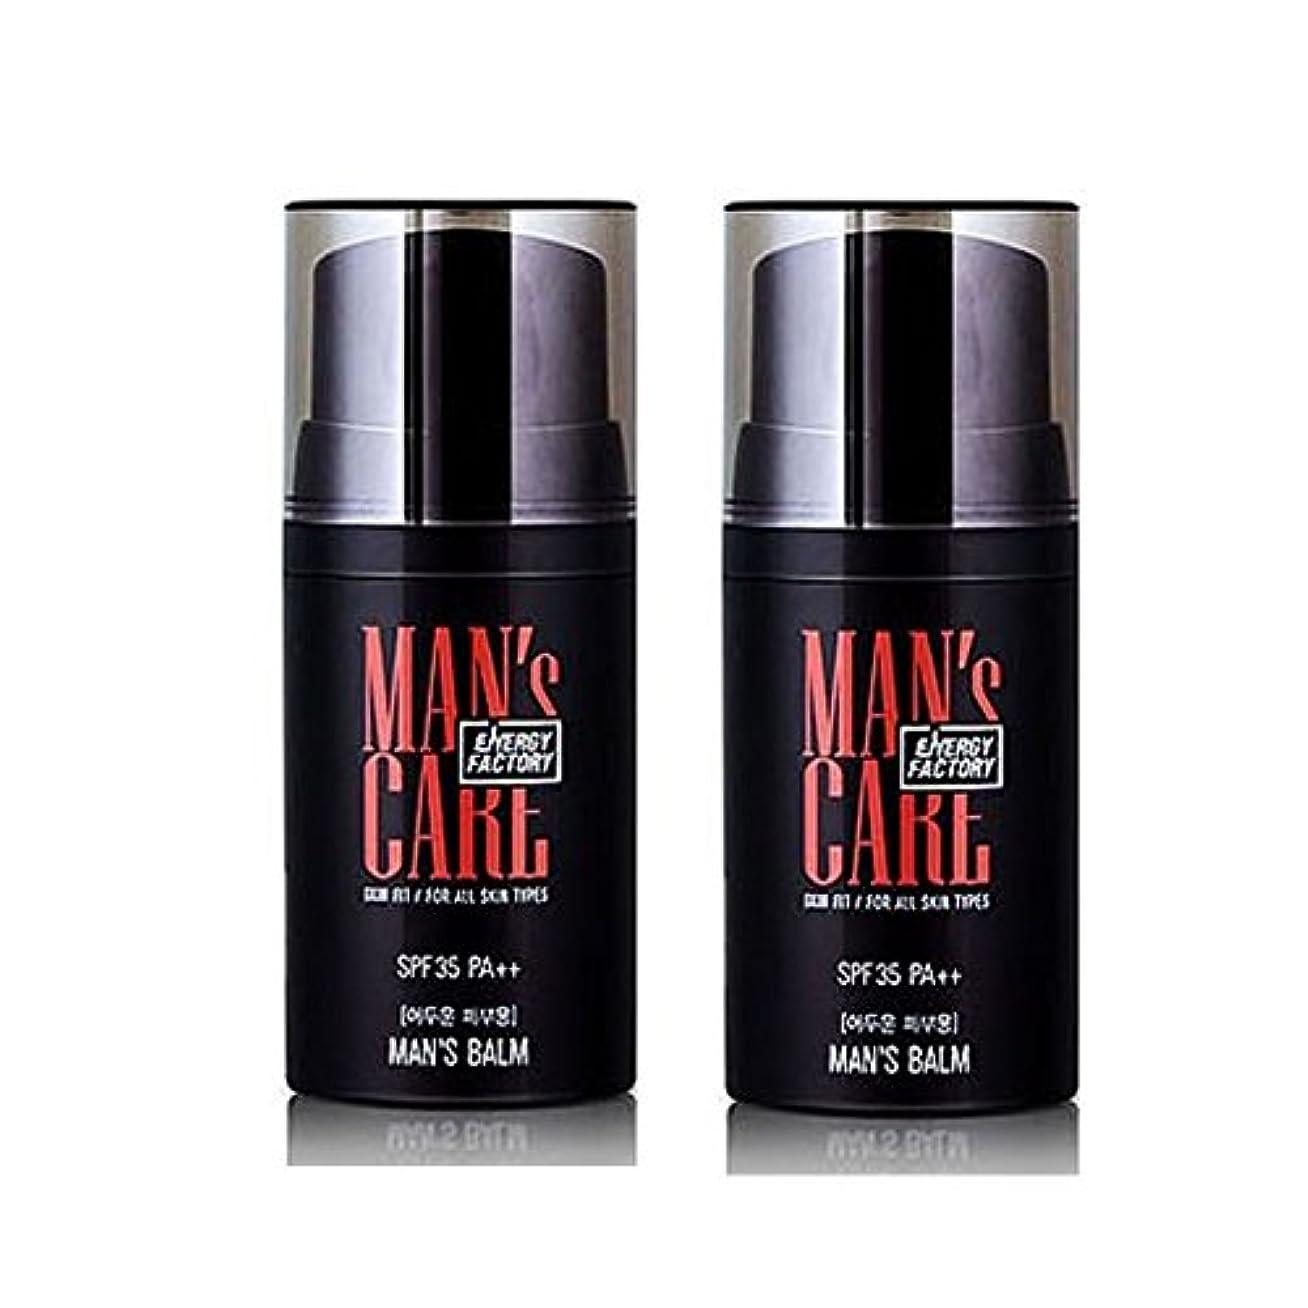 夢中要求罰するメンズケアエネルギーファクトリースキンフィット?マンズ?Balm 50ml x 2本セット(明るい肌用、暗い肌用) メンズコスメ、Man's Care Energy Factory Skin Fit Man's Balm...